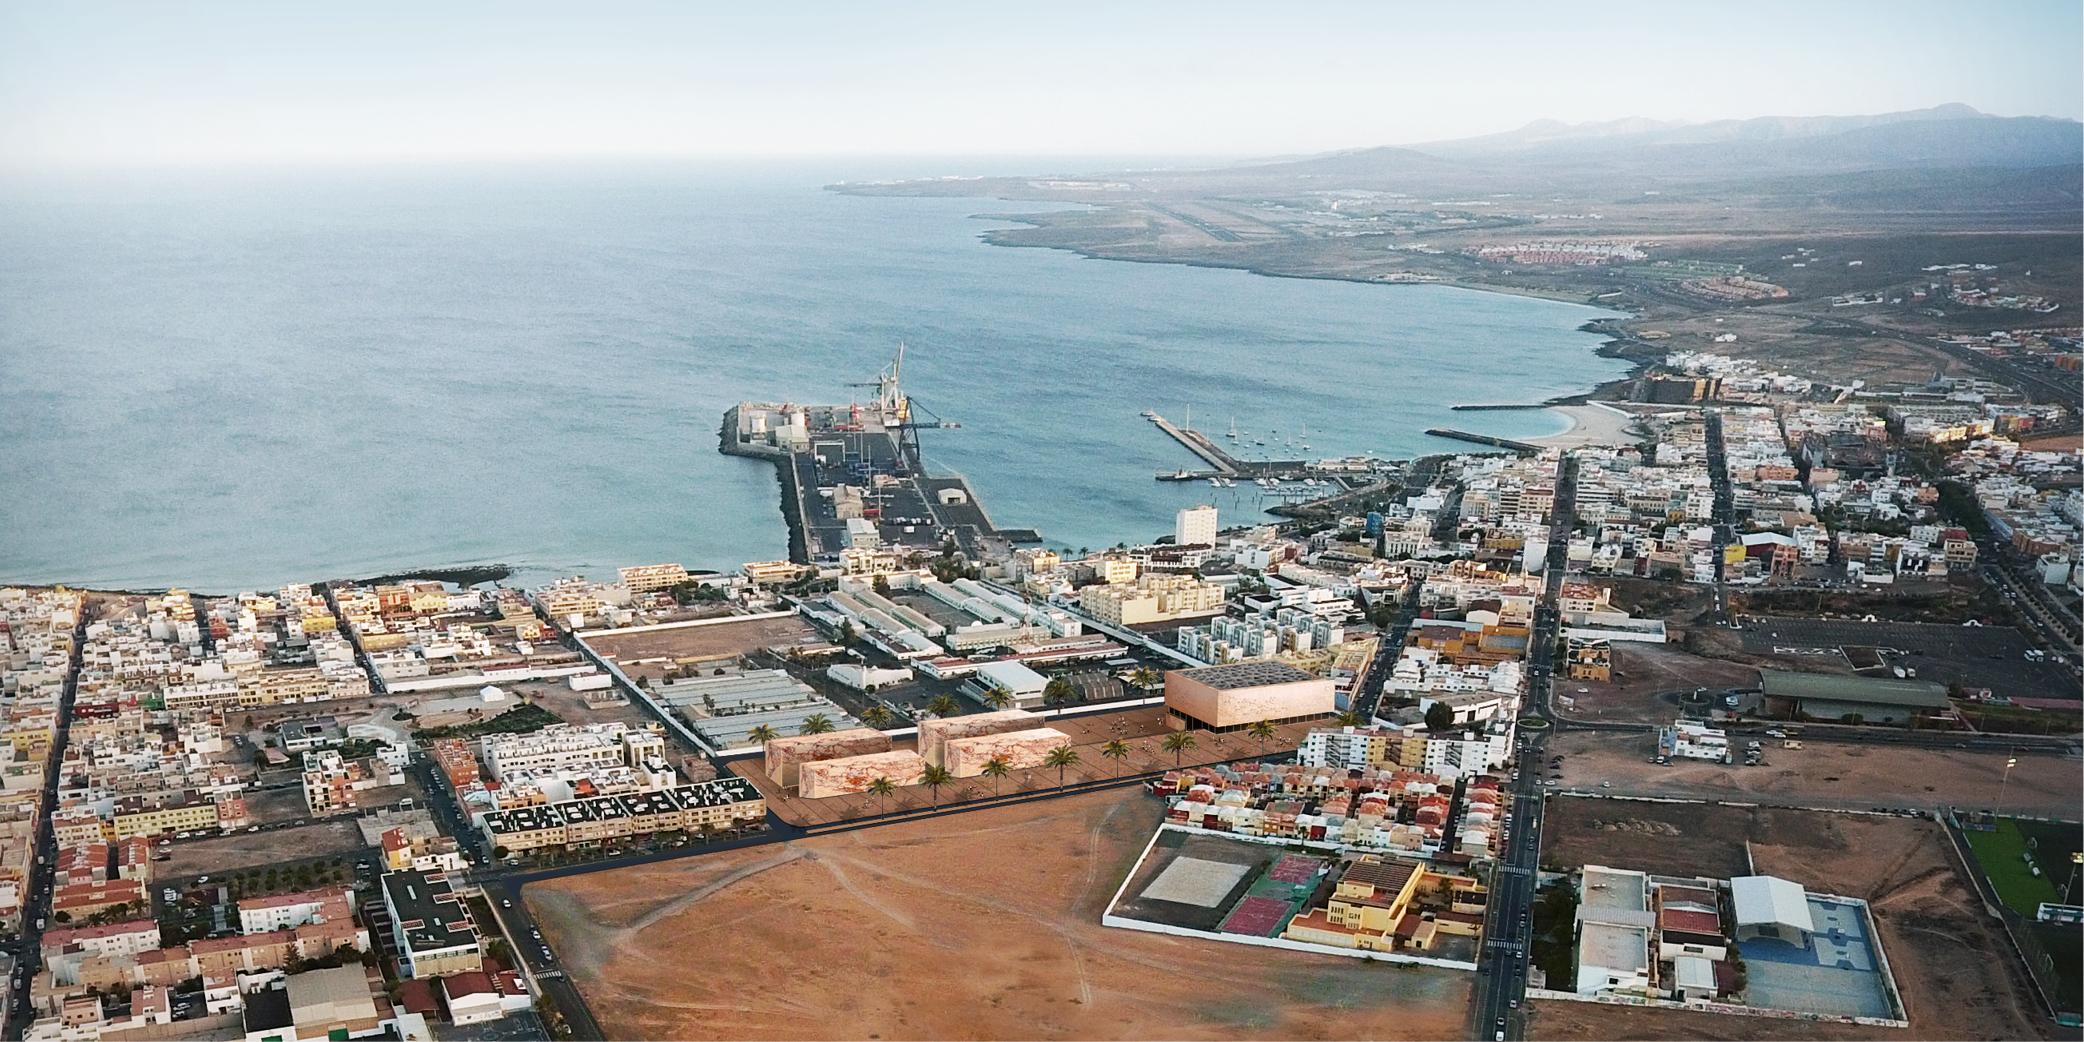 Aerial view of Puerto del Rosario